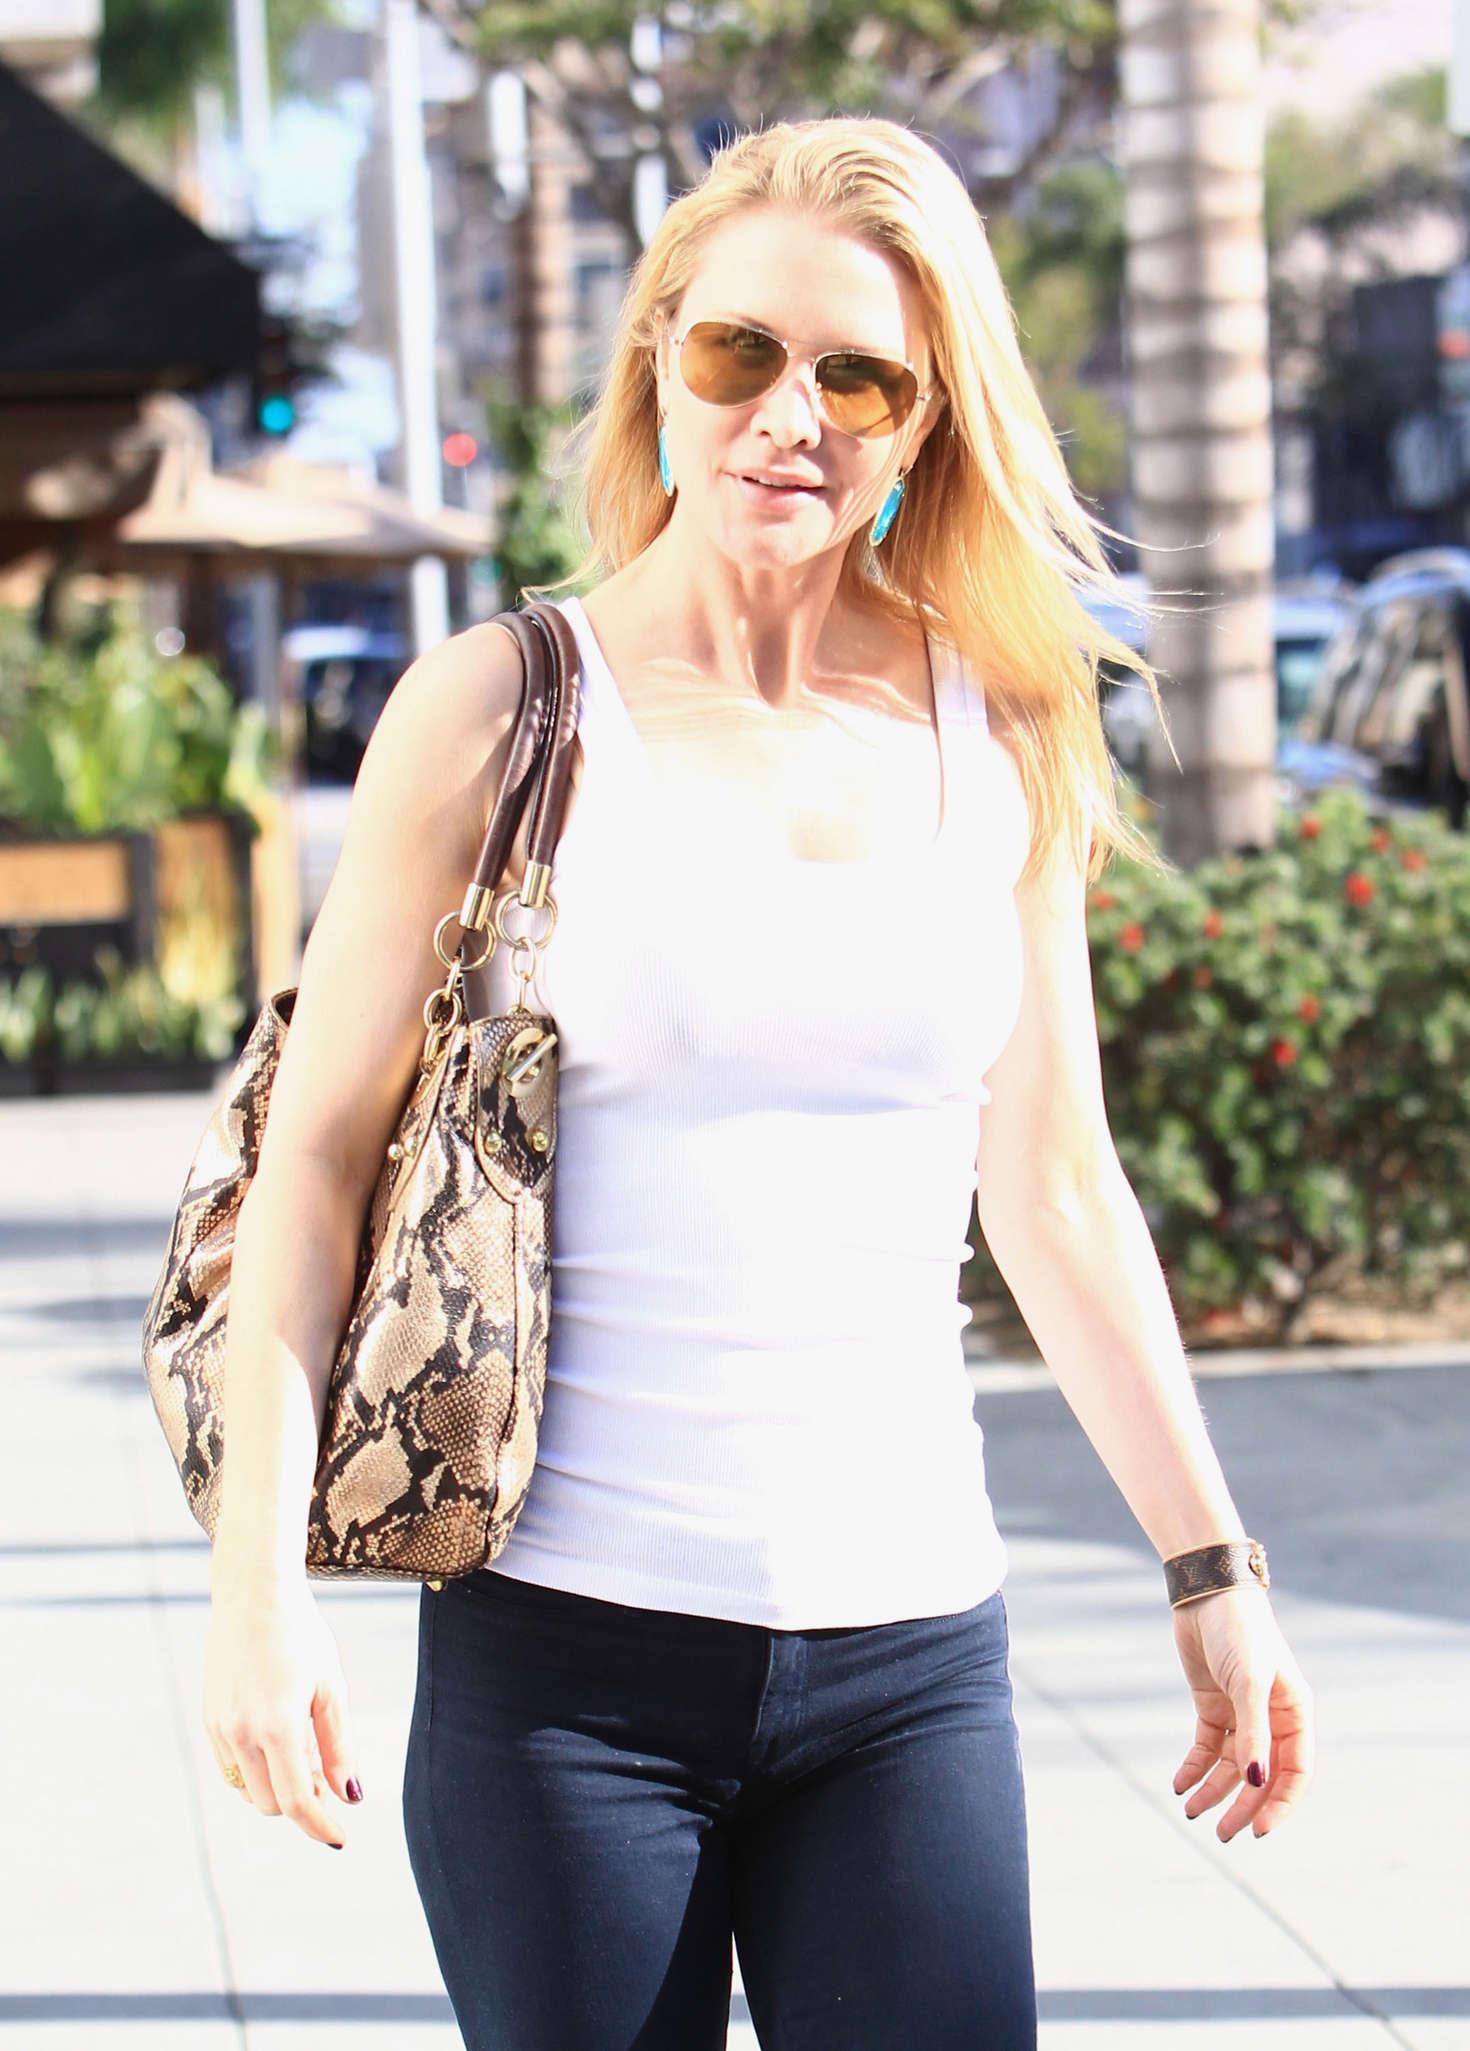 Josie Davis in Tight Jeans in Beverly Hills